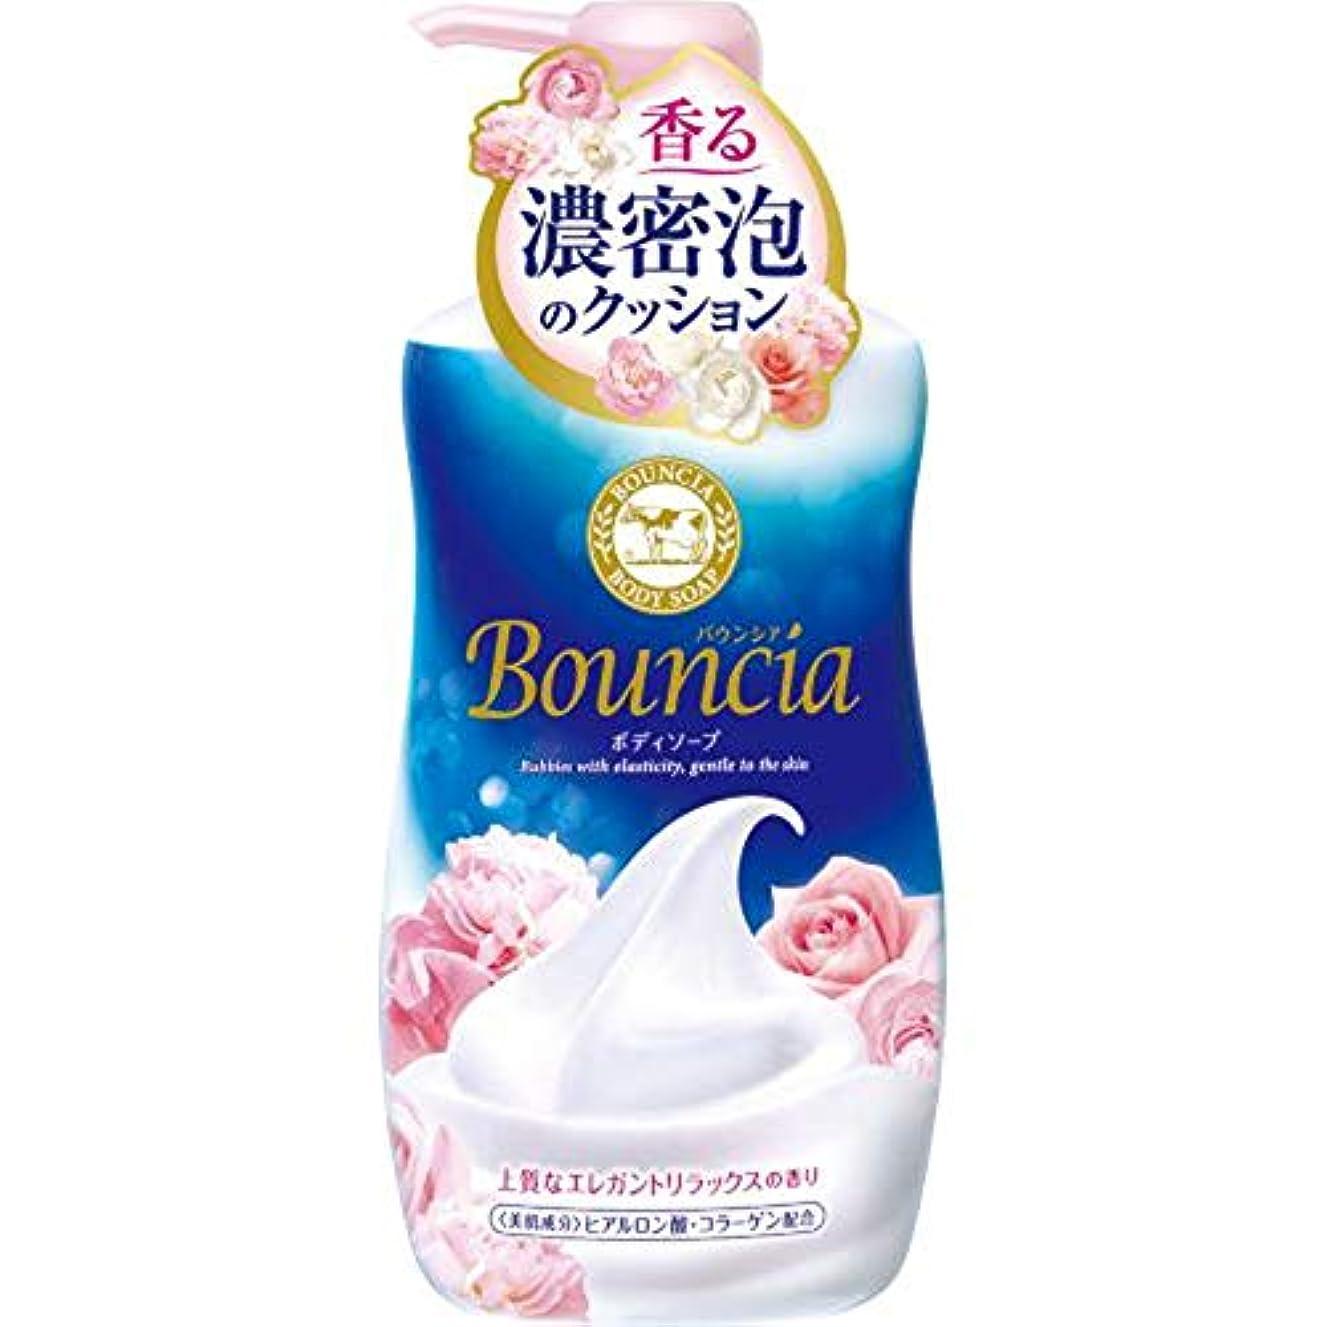 ローズとんでもない飢えたバウンシア ボディソープ エレガントリラックスの香り ポンプ 550mL